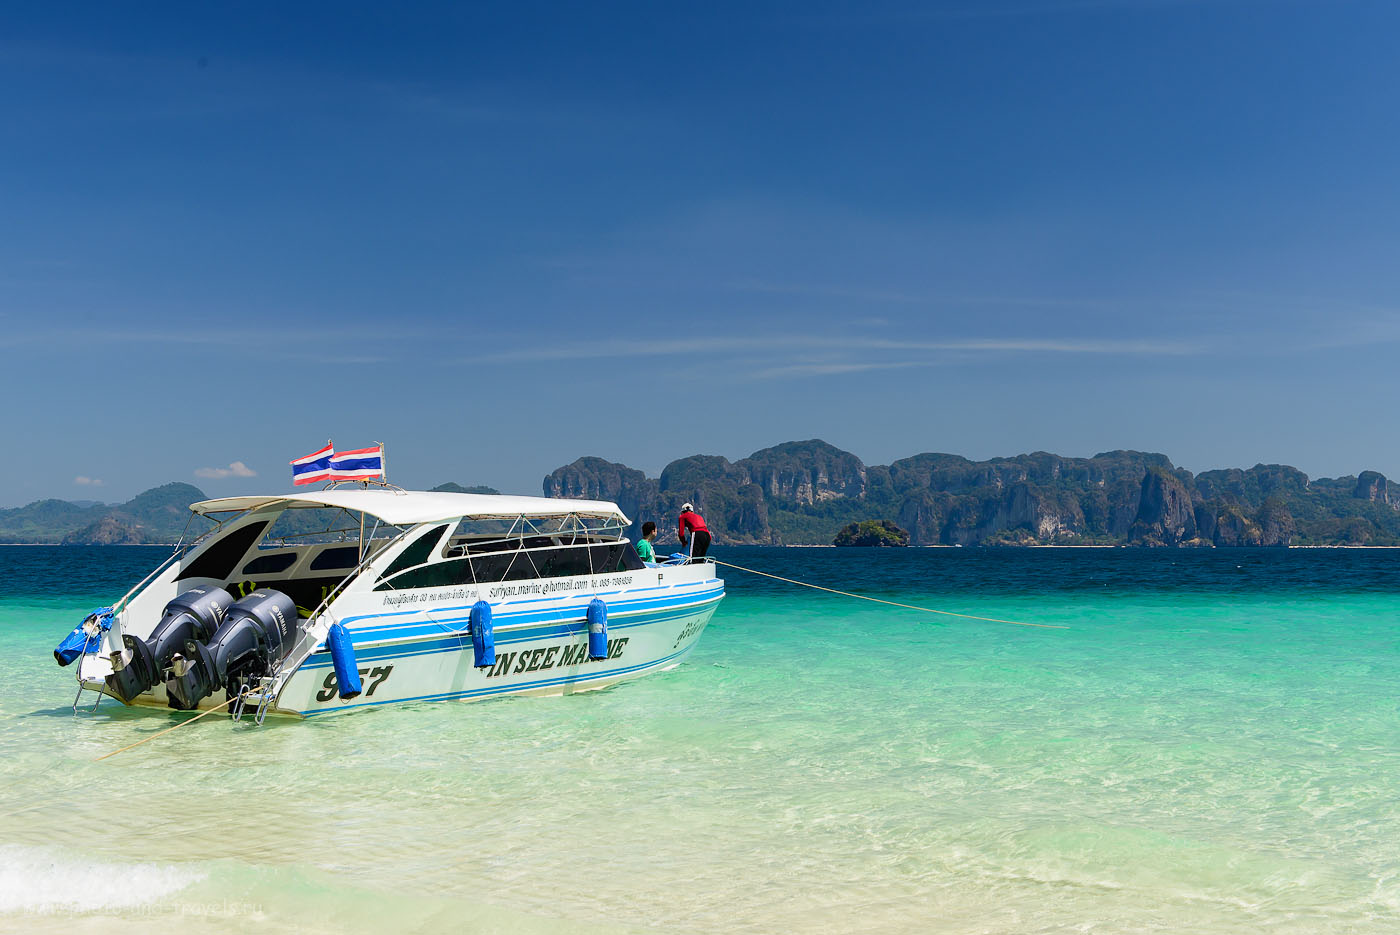 Фотография 8. Скоростной катер на острове Пода. Чем заняться на Краби во время отдыха в Таиланде (200, 45, 9.0, 1/320)